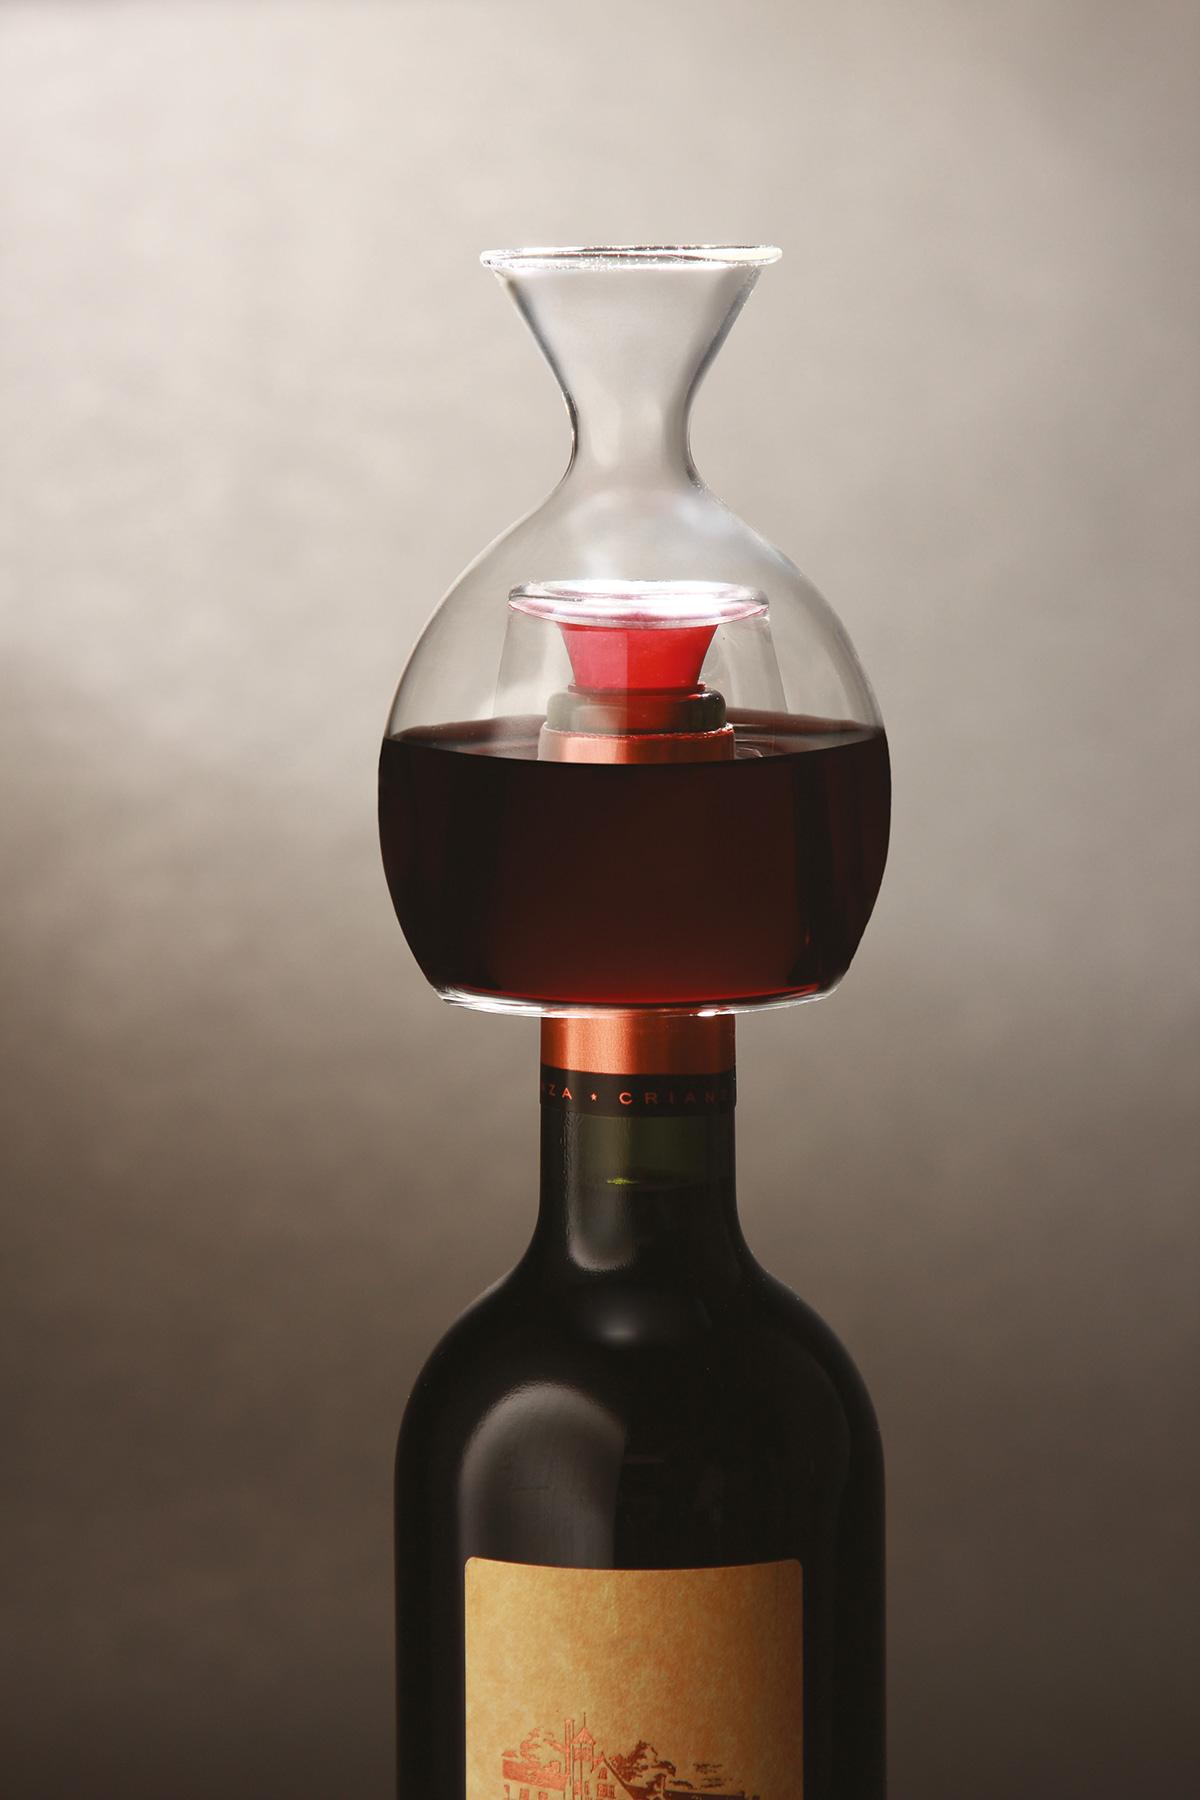 Cristafiel Grabados Catálogo Accesorios Minidecantadores Ver el Vino